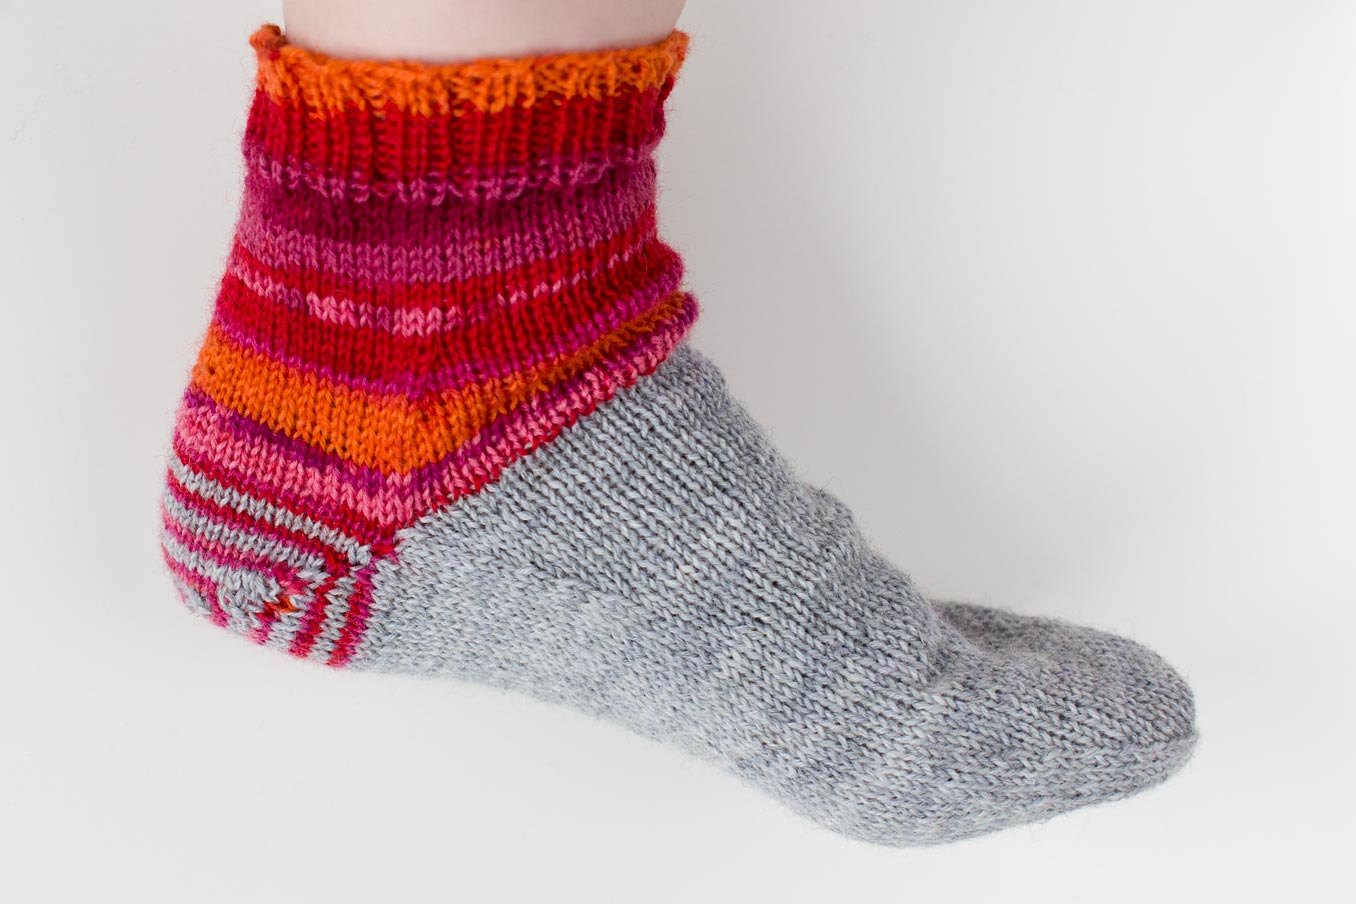 """Bild für Beitrag """"Crazy Socks"""" 4"""